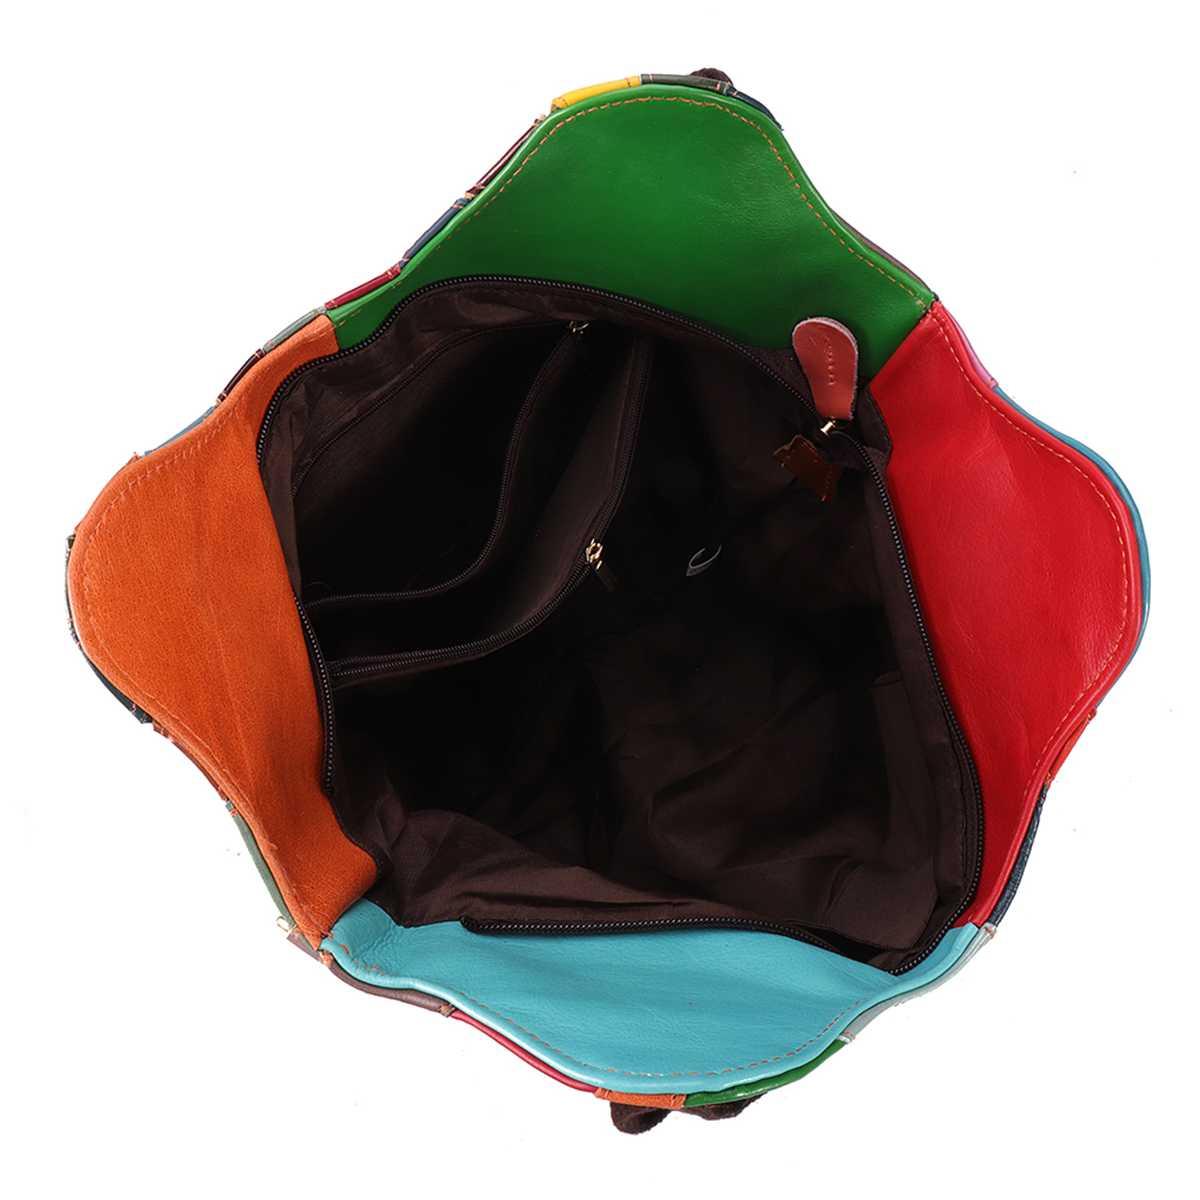 Γυναικεία δερμάτινη τσάντα πολύχρωμη patchwork vintage τσάντα ώμου totes crossbody msow